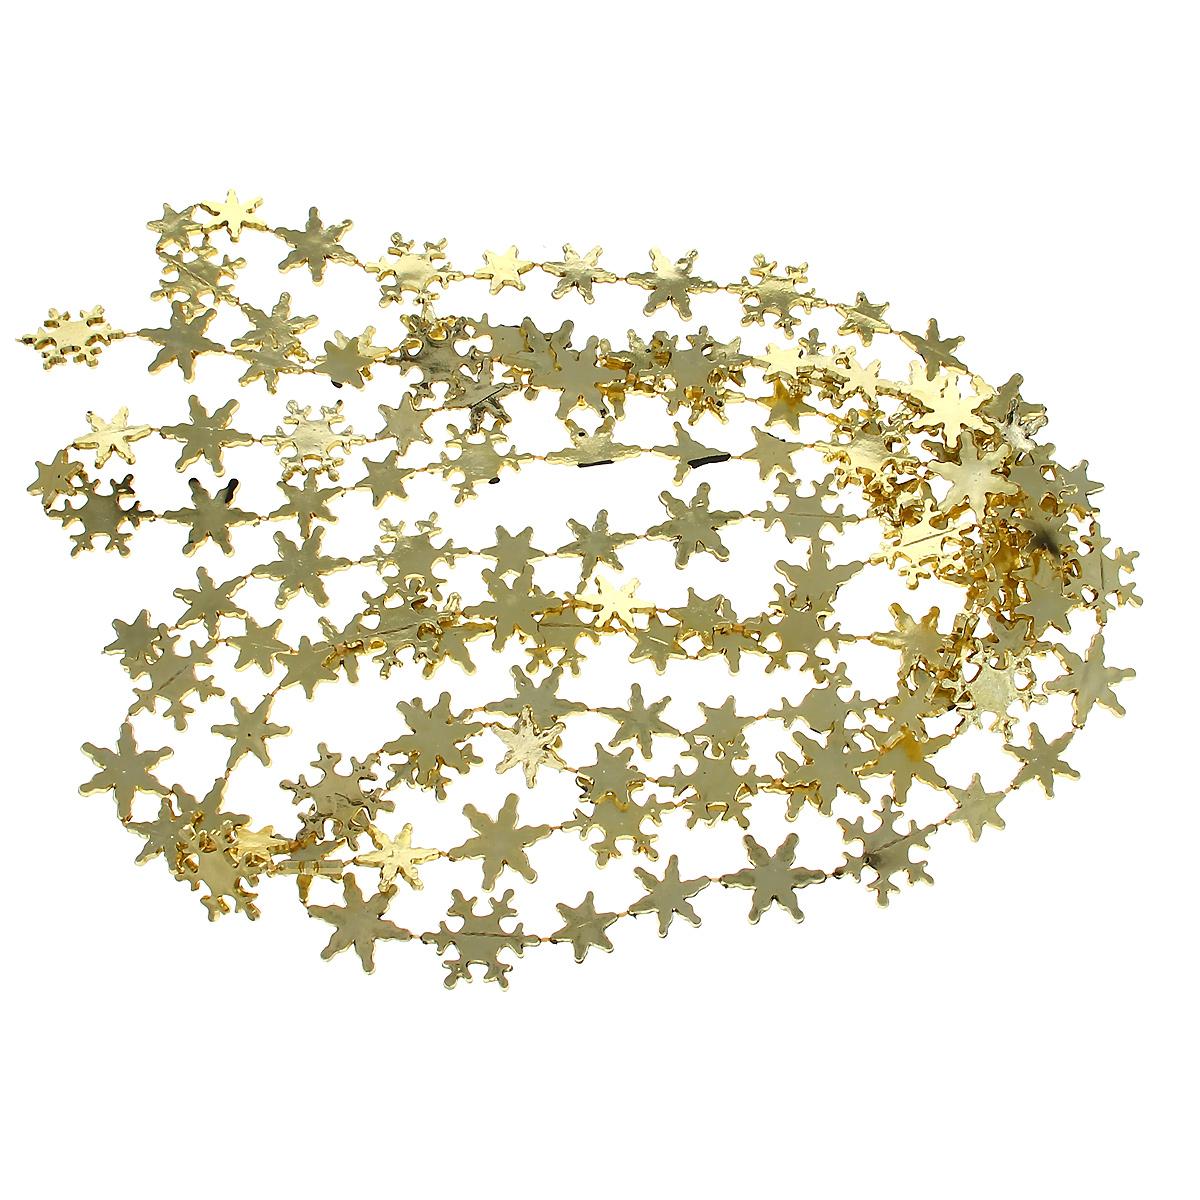 Новогодняя гирлянда Снежинки, цвет: золотистый, 270 см31083Новогодняя гирлянда прекрасно подойдет для декора дома или офиса. Украшение выполнено из разноцветной металлизированной фольги. С помощью специальных петелек гирлянду можно повесить в любом понравившемся вам месте. Украшение легко складывается и раскладывается.Новогодние украшения несут в себе волшебство и красоту праздника. Они помогут вам украсить дом к предстоящим праздникам и оживить интерьер по вашему вкусу. Создайте в доме атмосферу тепла, веселья и радости, украшая его всей семьей.